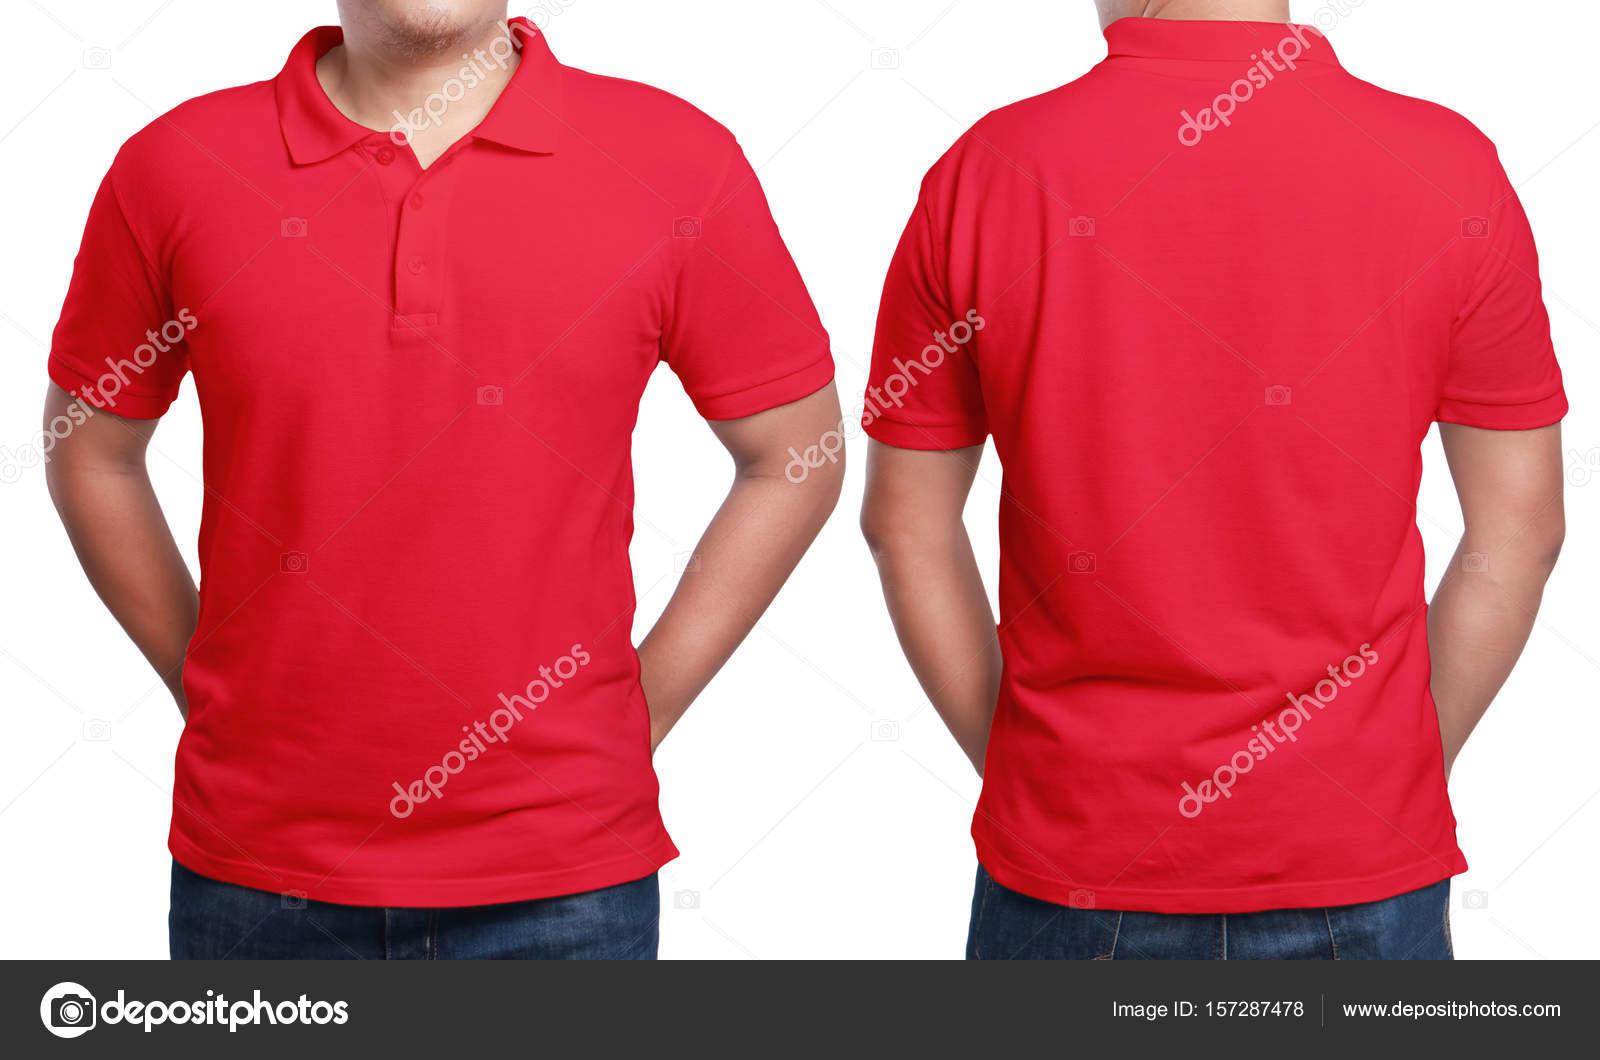 Maqueta de camiseta roja llana de desgaste de modelo masculino. Plantilla  de diseño de la camisa de polo. c214ecc0e0a95